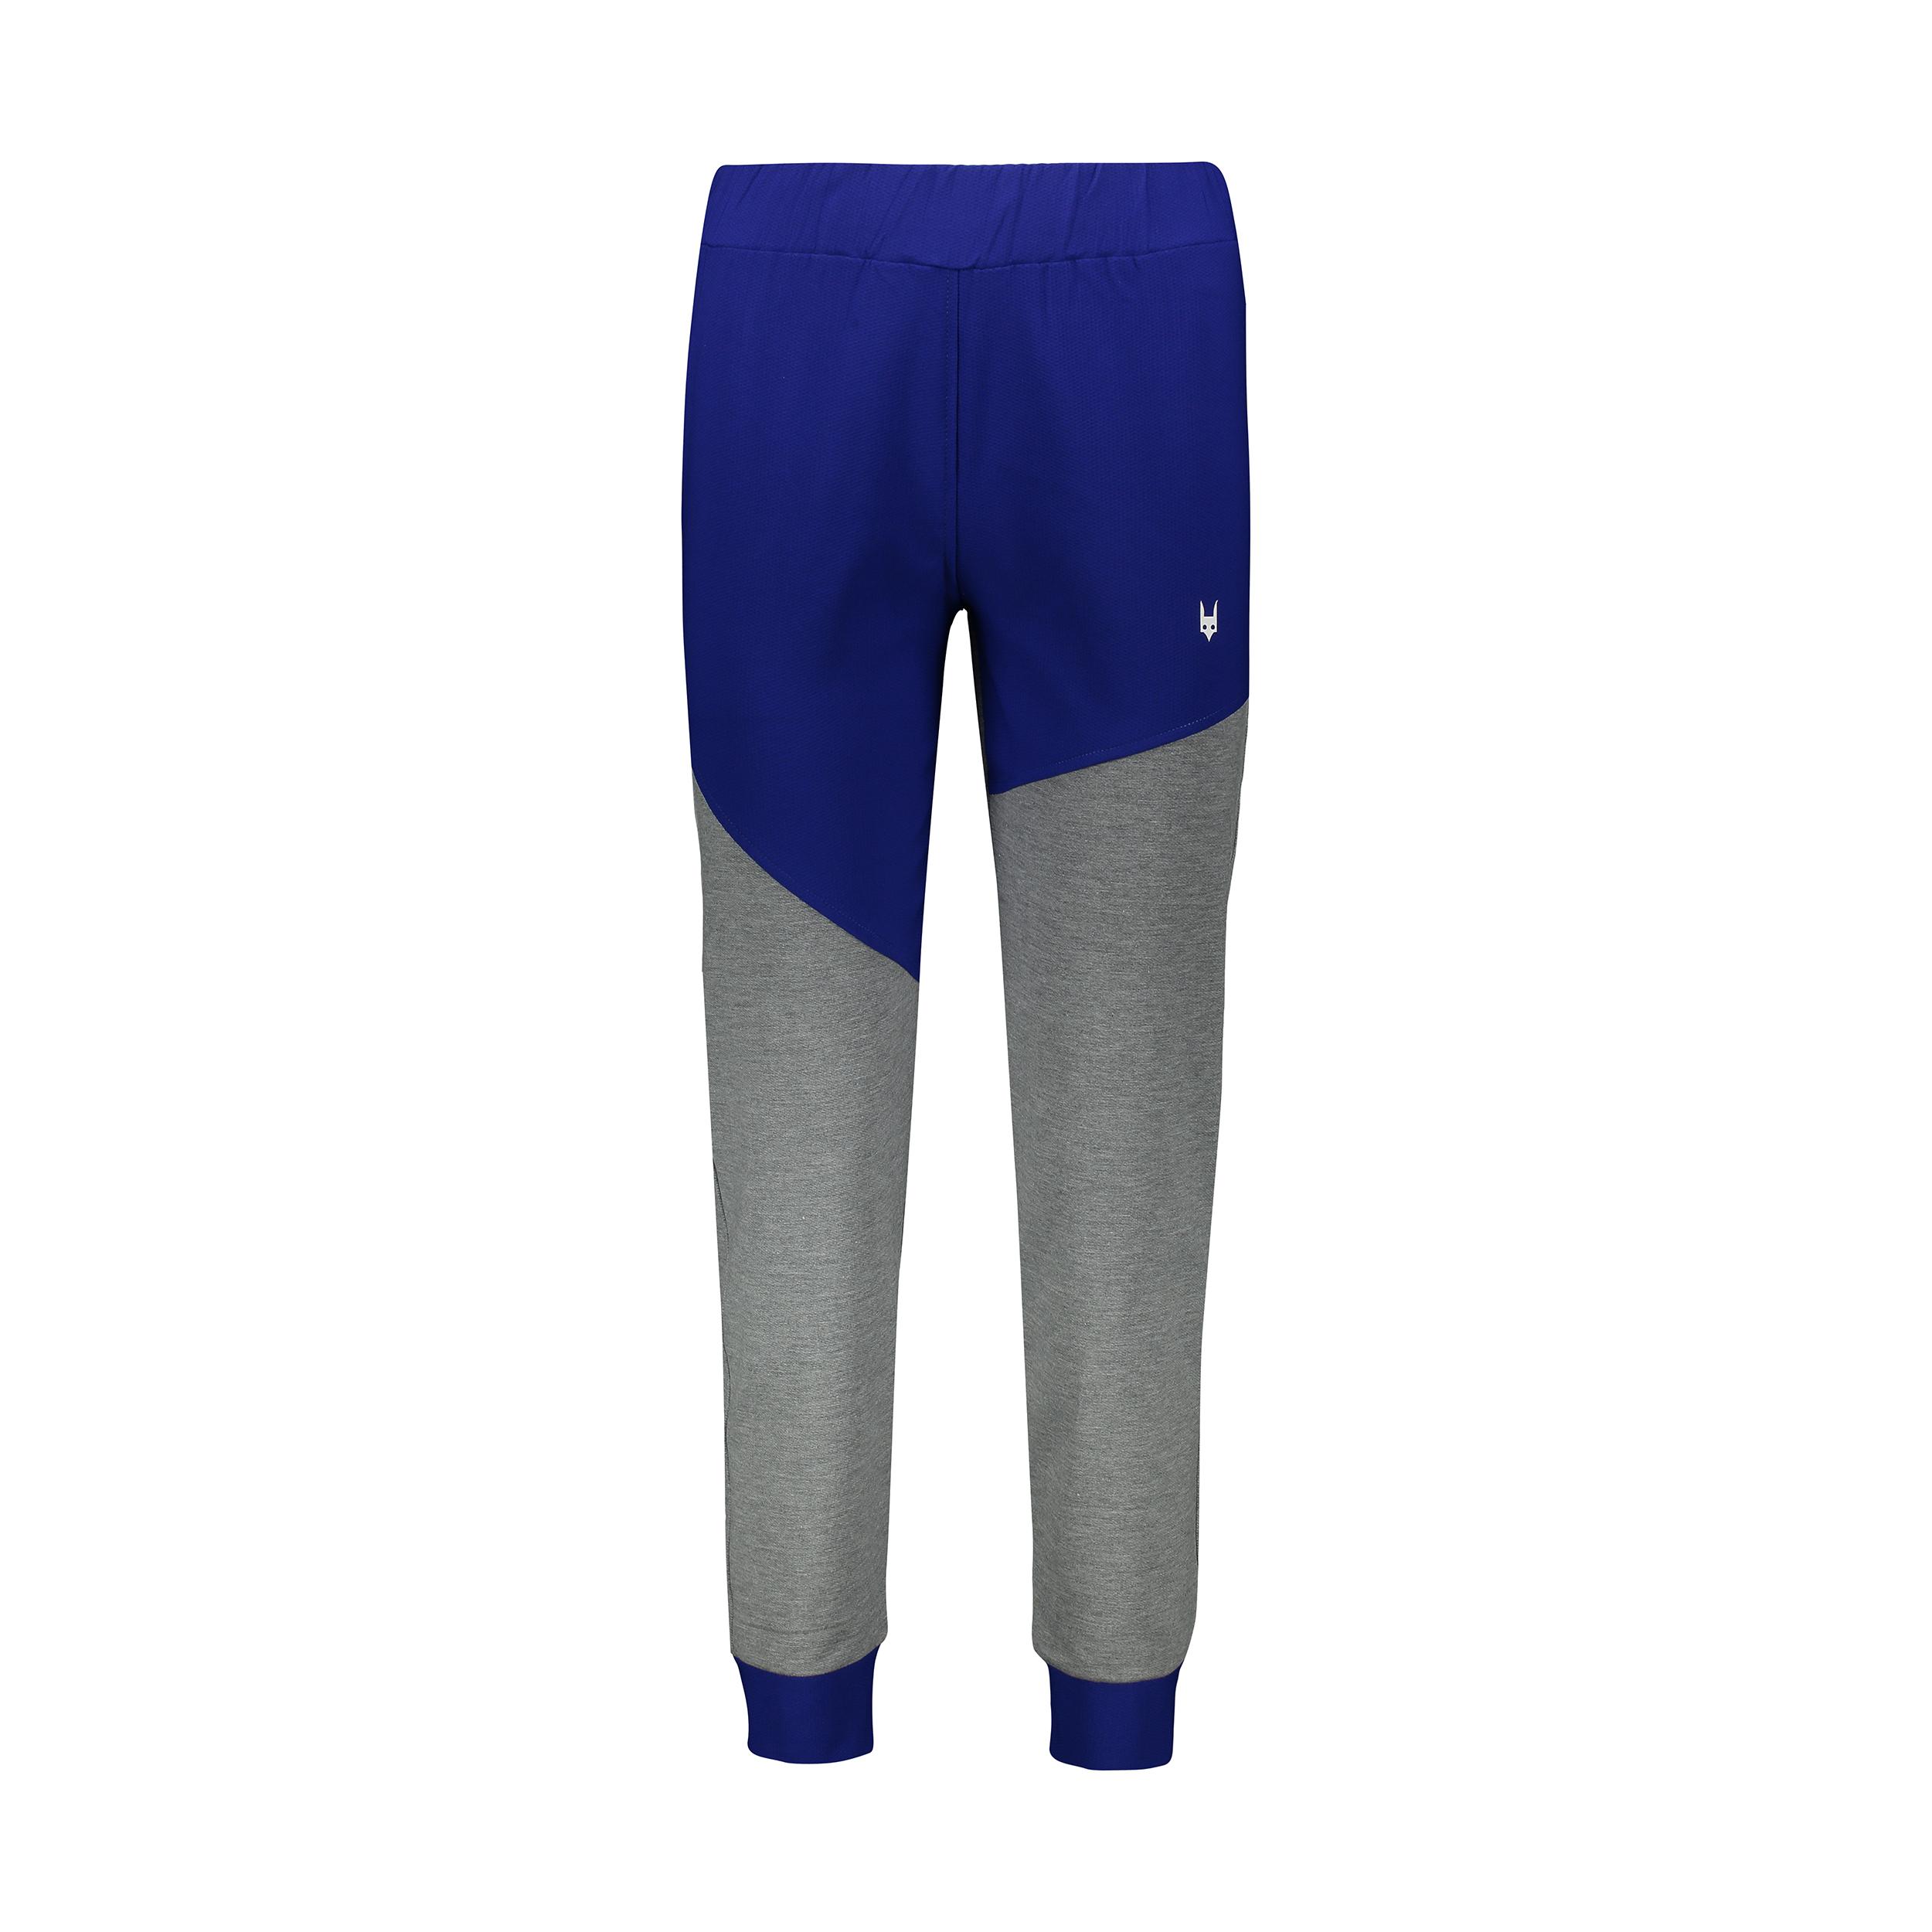 شلوار ورزشی زنانه مل اند موژ کد W06402-104